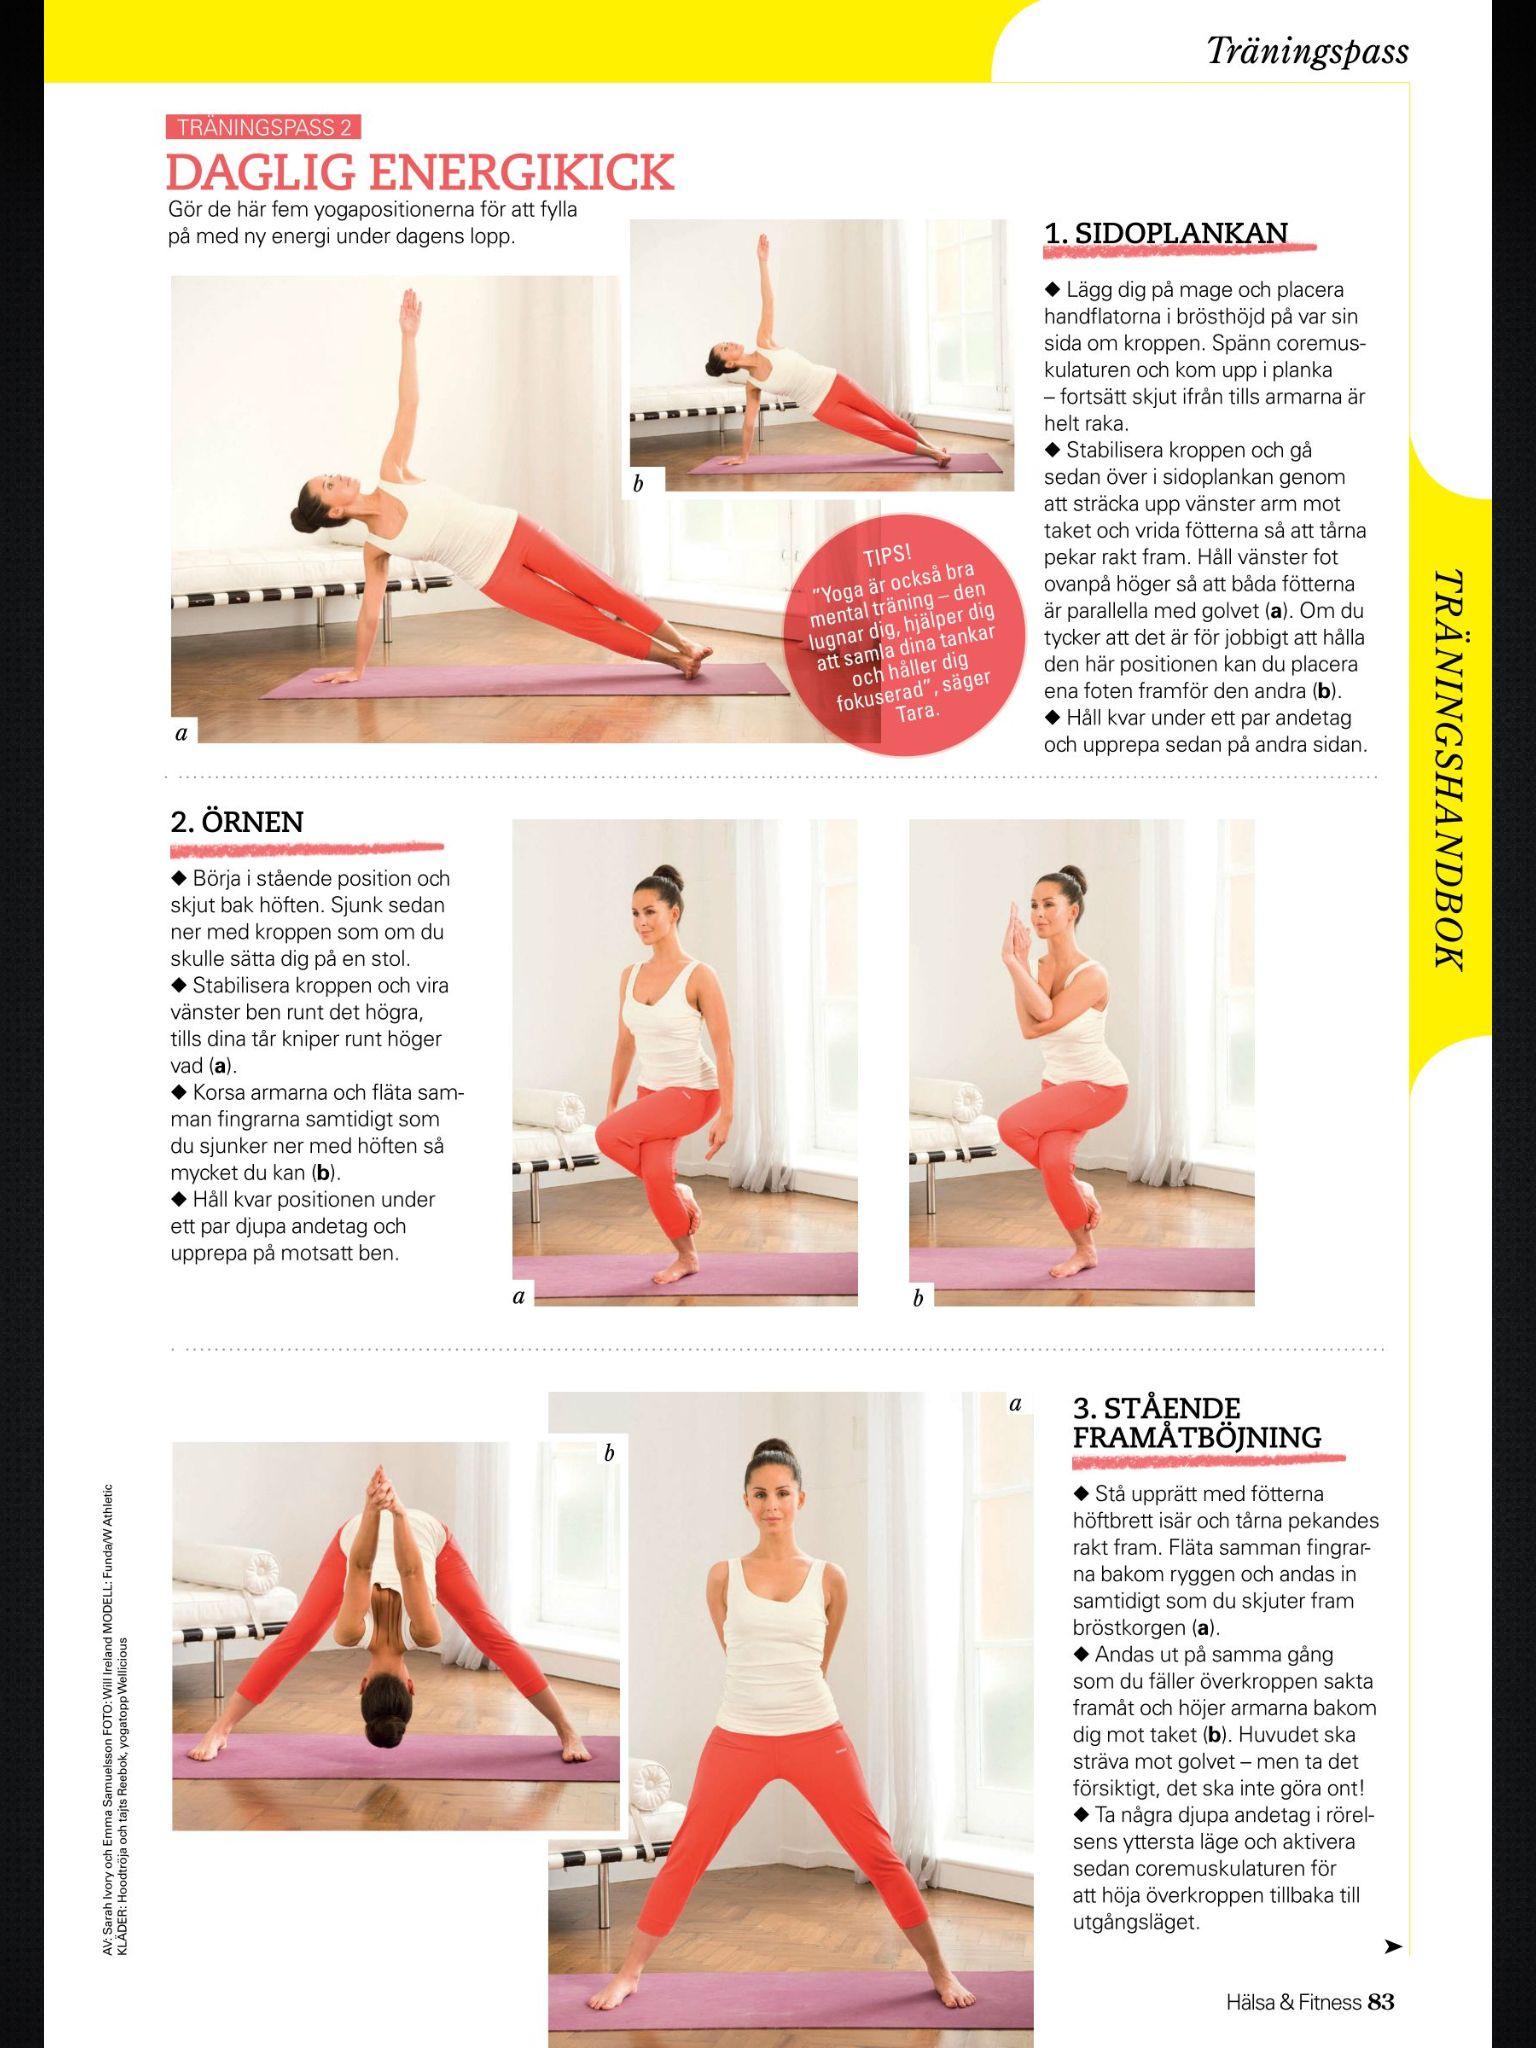 börja med fitness